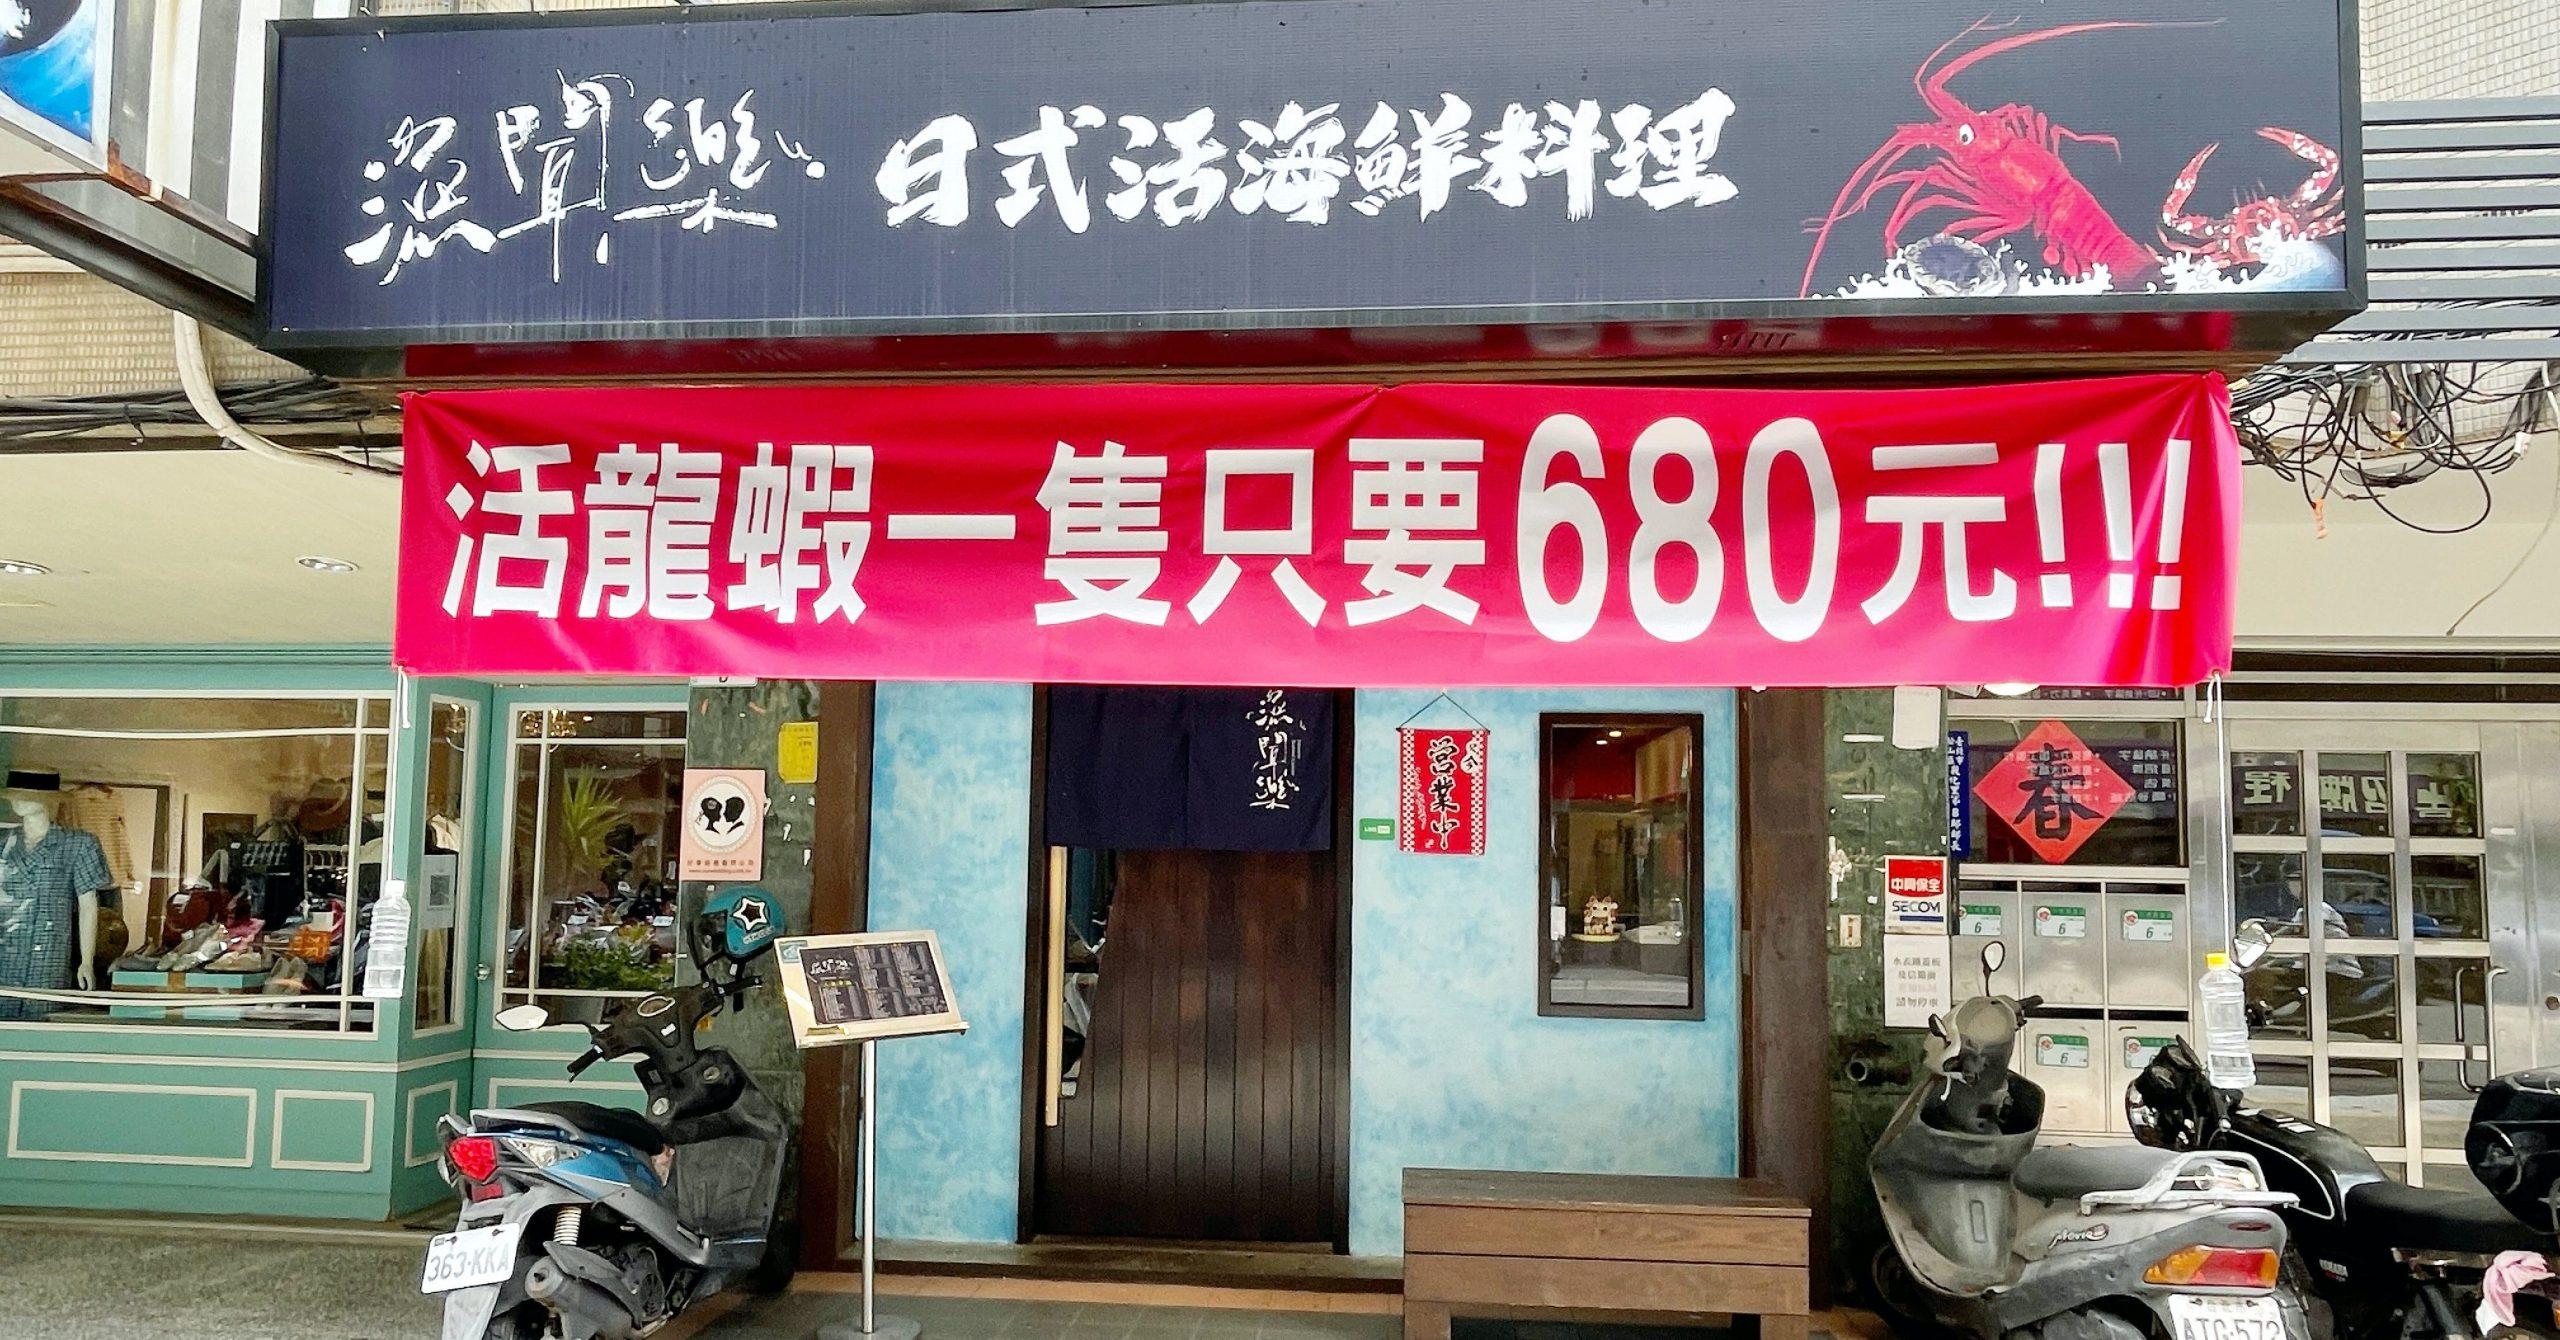 即時熱門文章:【小巨蛋美食】漁聞樂日式海鮮料理,高CP值 台北海鮮餐廳推薦 (菜單)